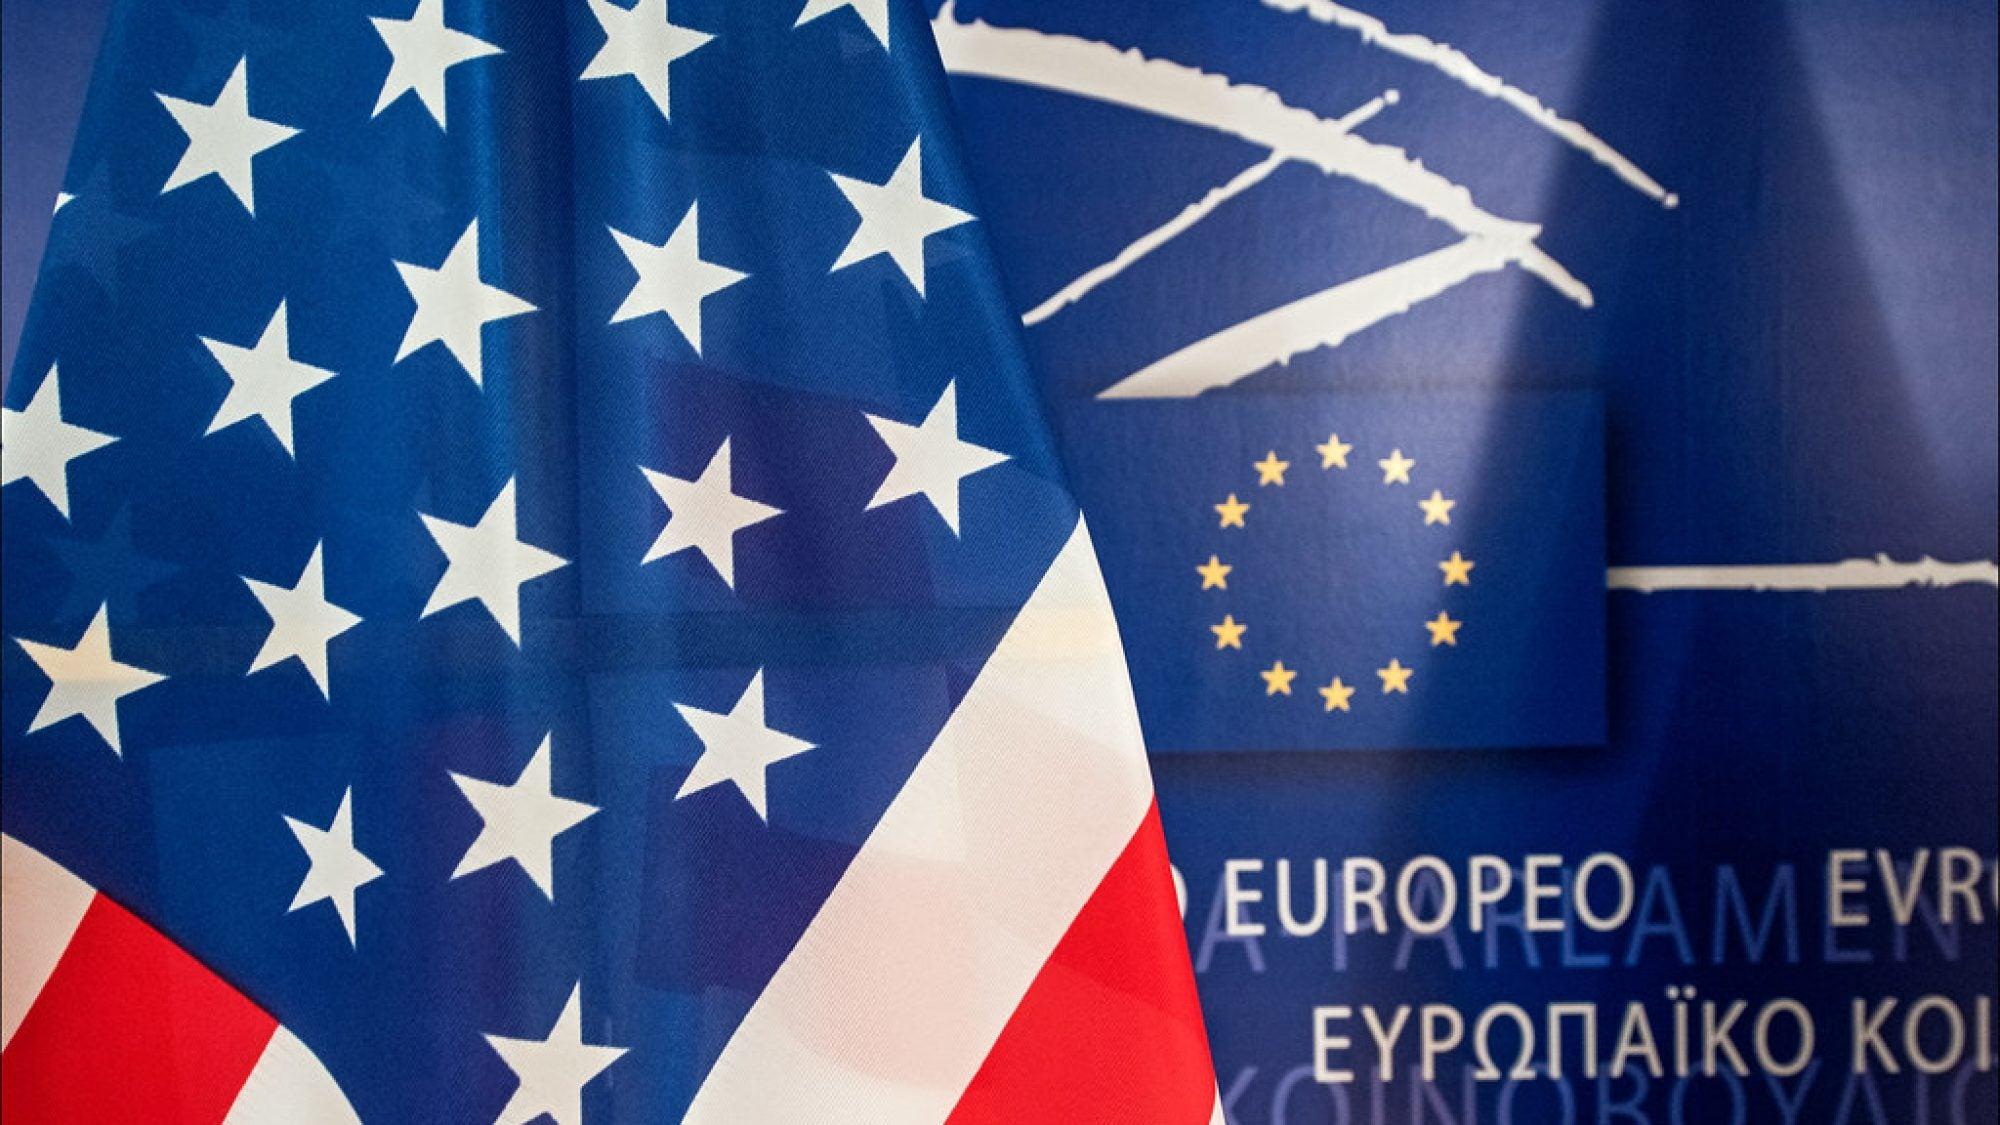 American flag next to European Union background